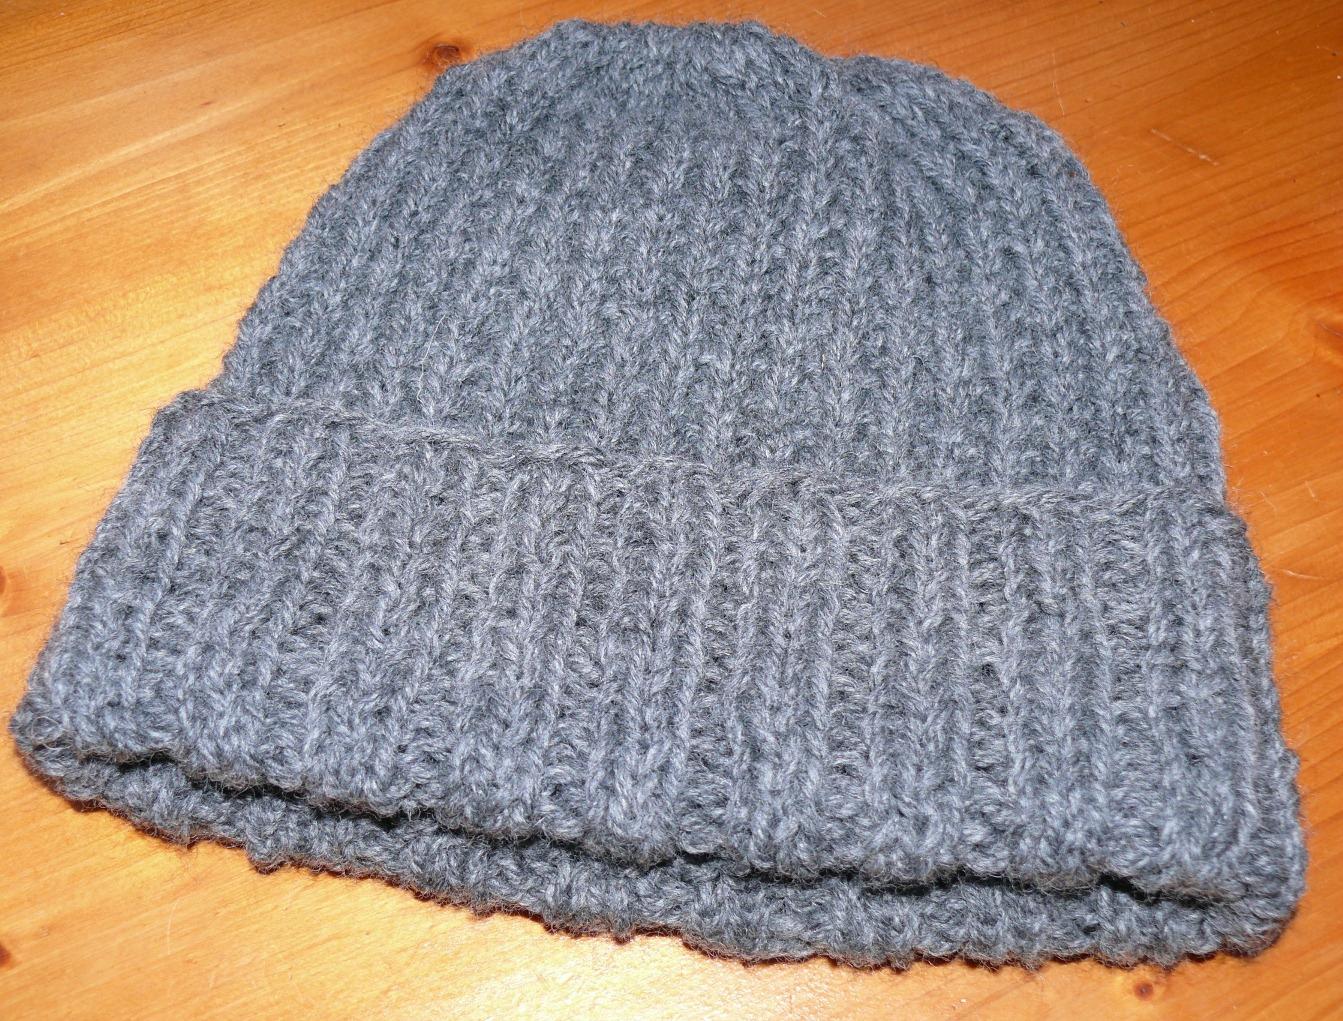 Hervorragend Tuto bonnet tricot homme - Laine et tricot NR86